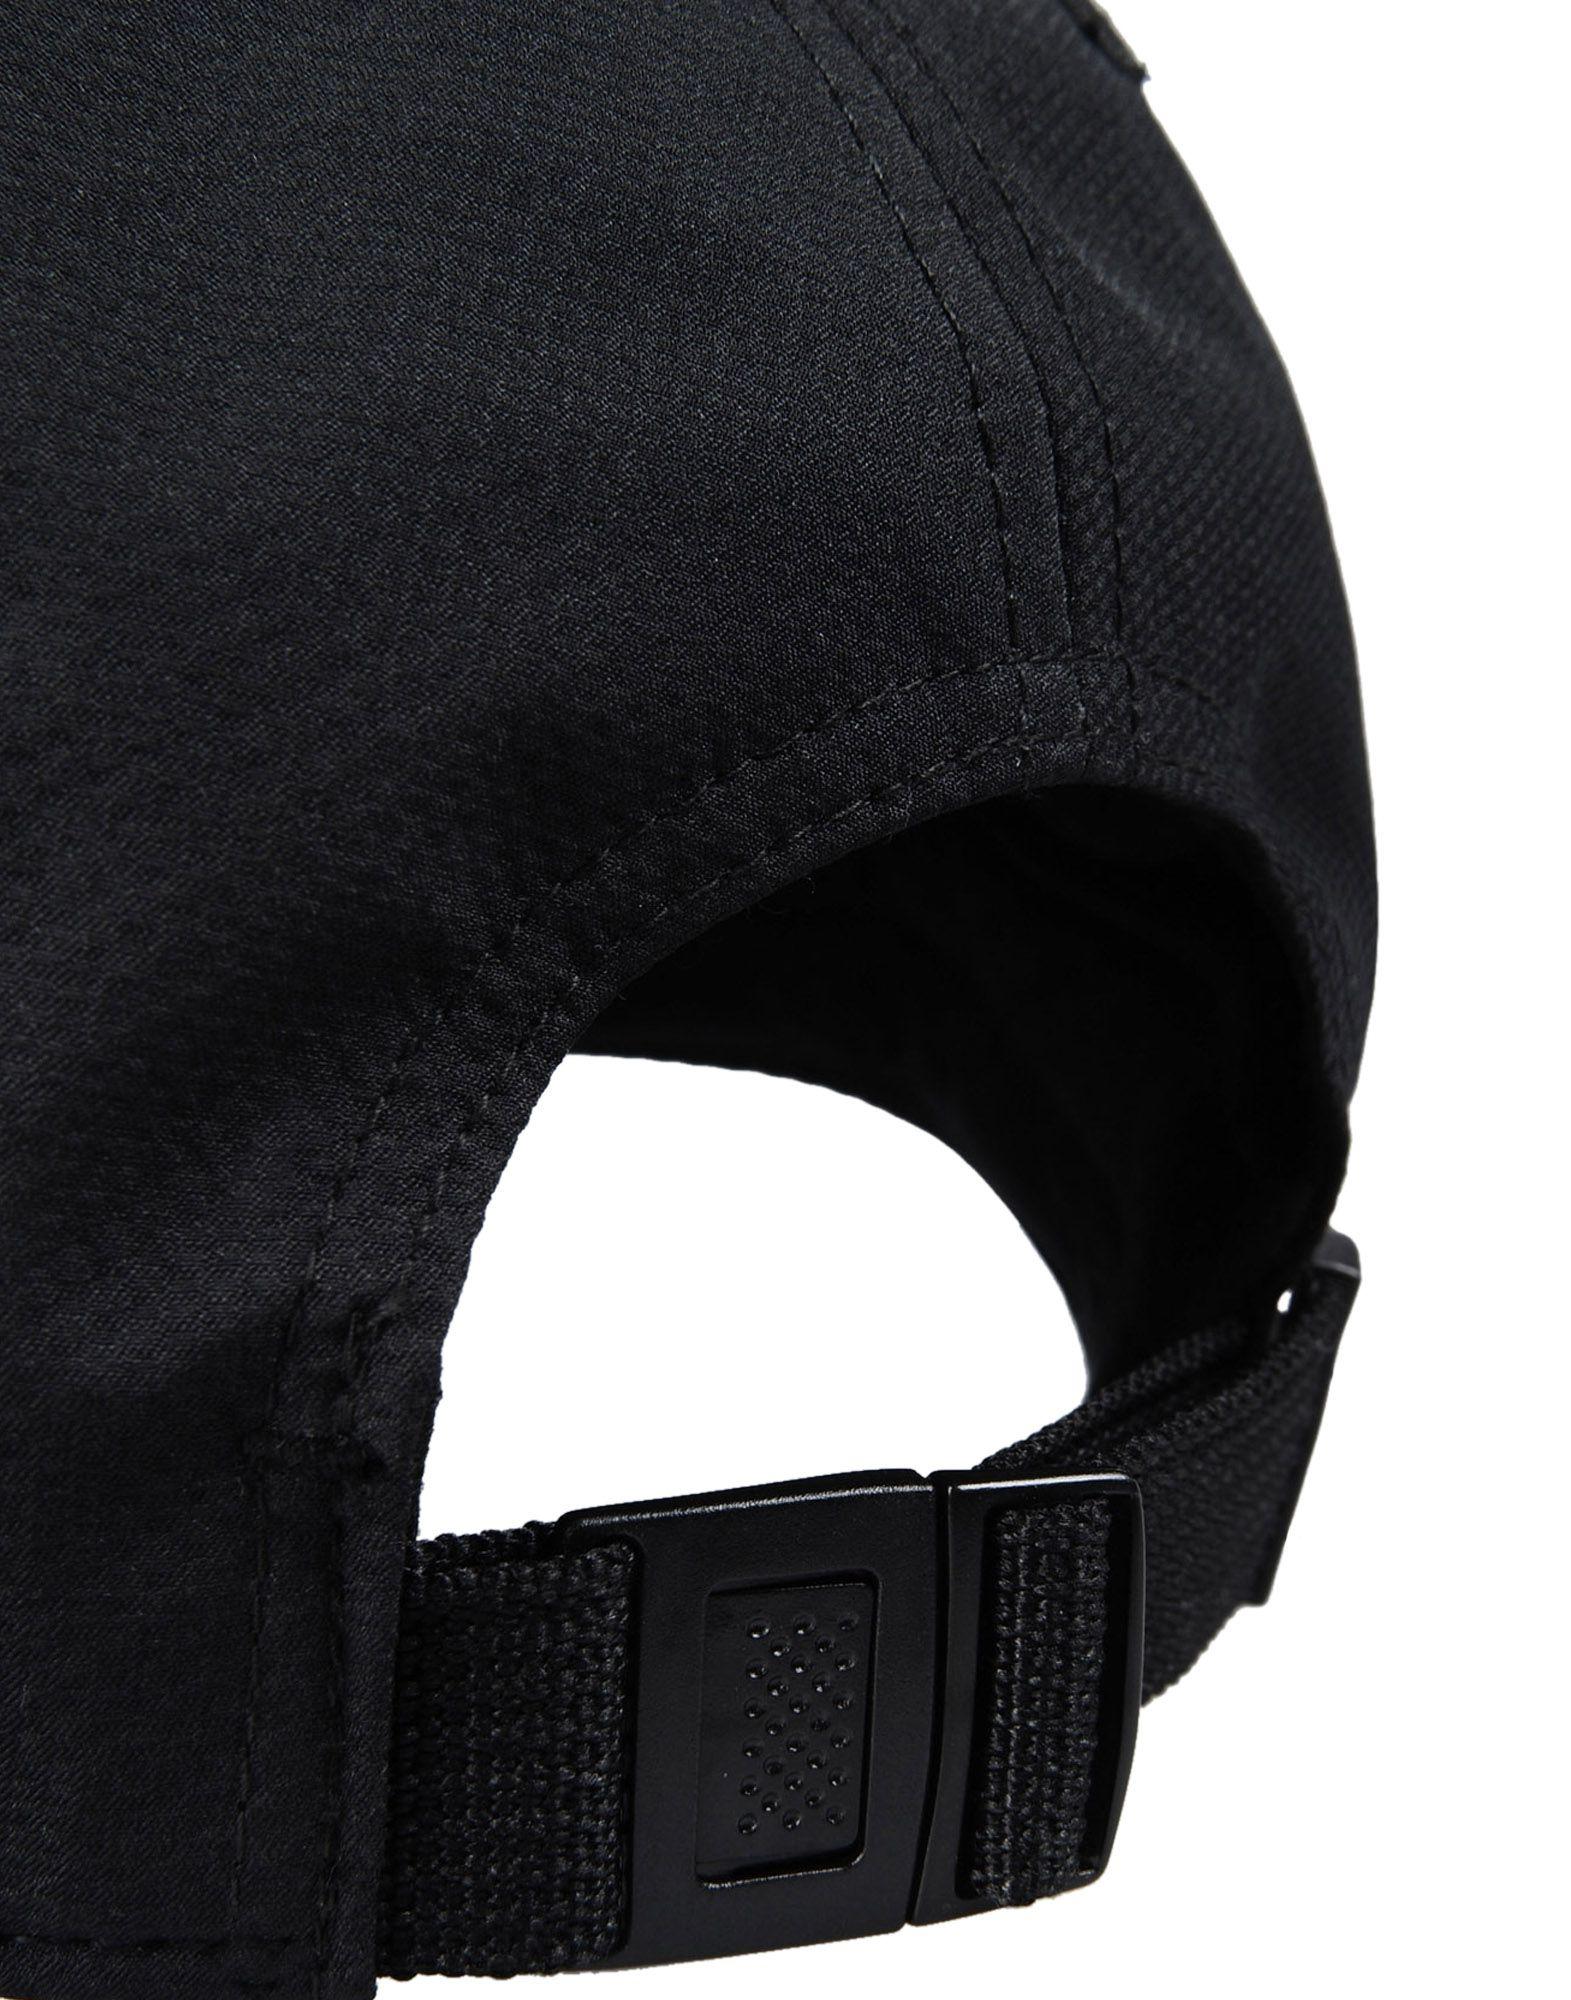 Lyst - Y-3 Debossed Neoprene Cap in Black for Men 841e6bd17b49